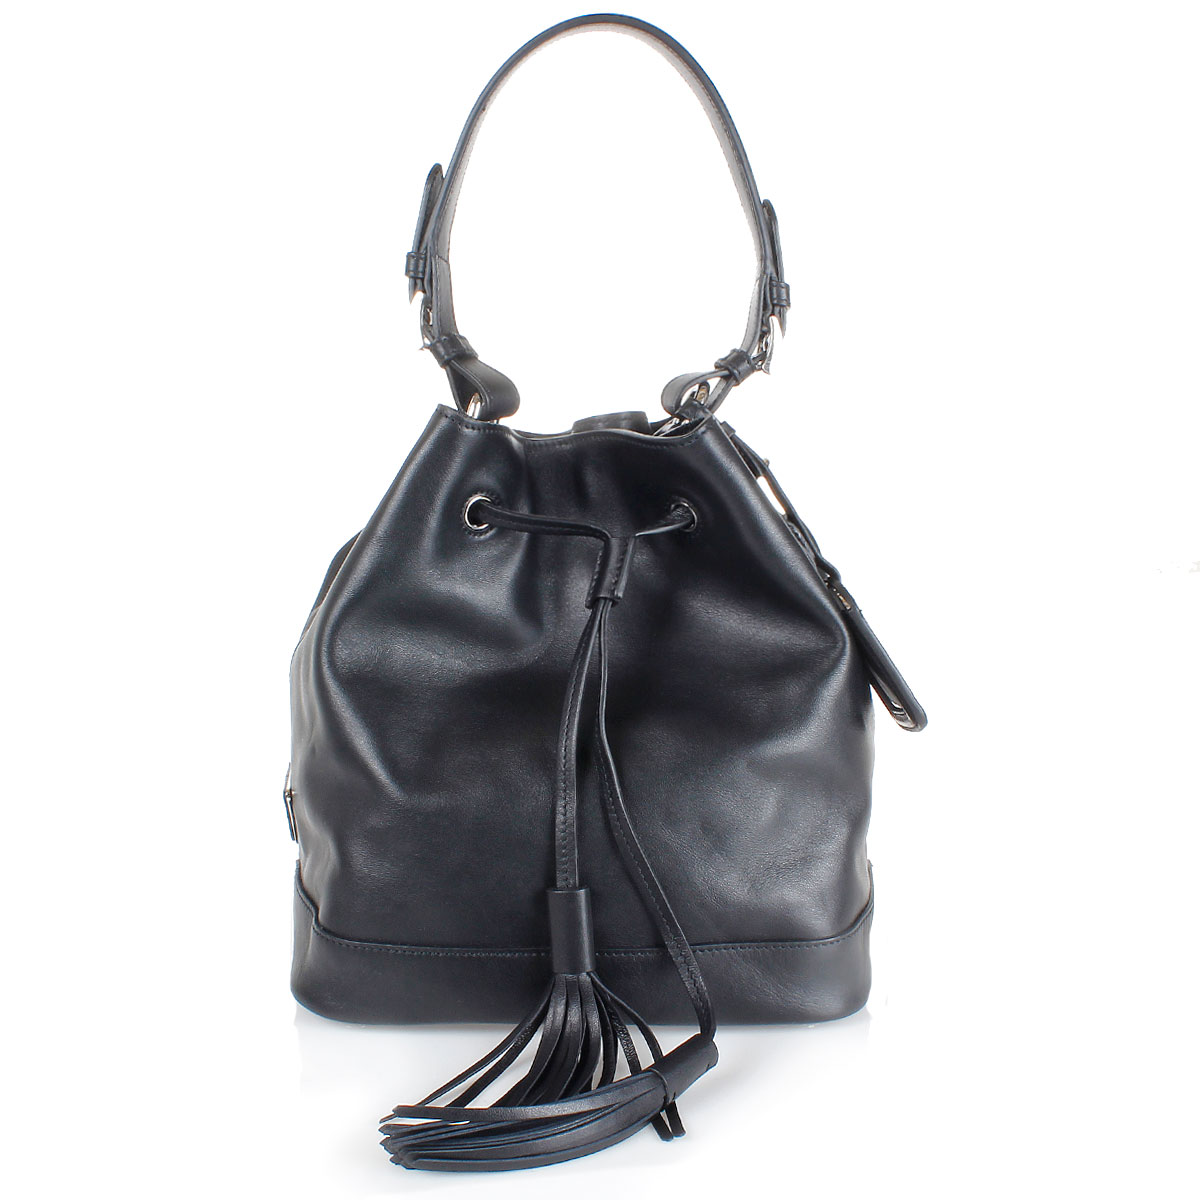 349fe4881e1b Prada Leather Bucket Bag Price | Stanford Center for Opportunity ...